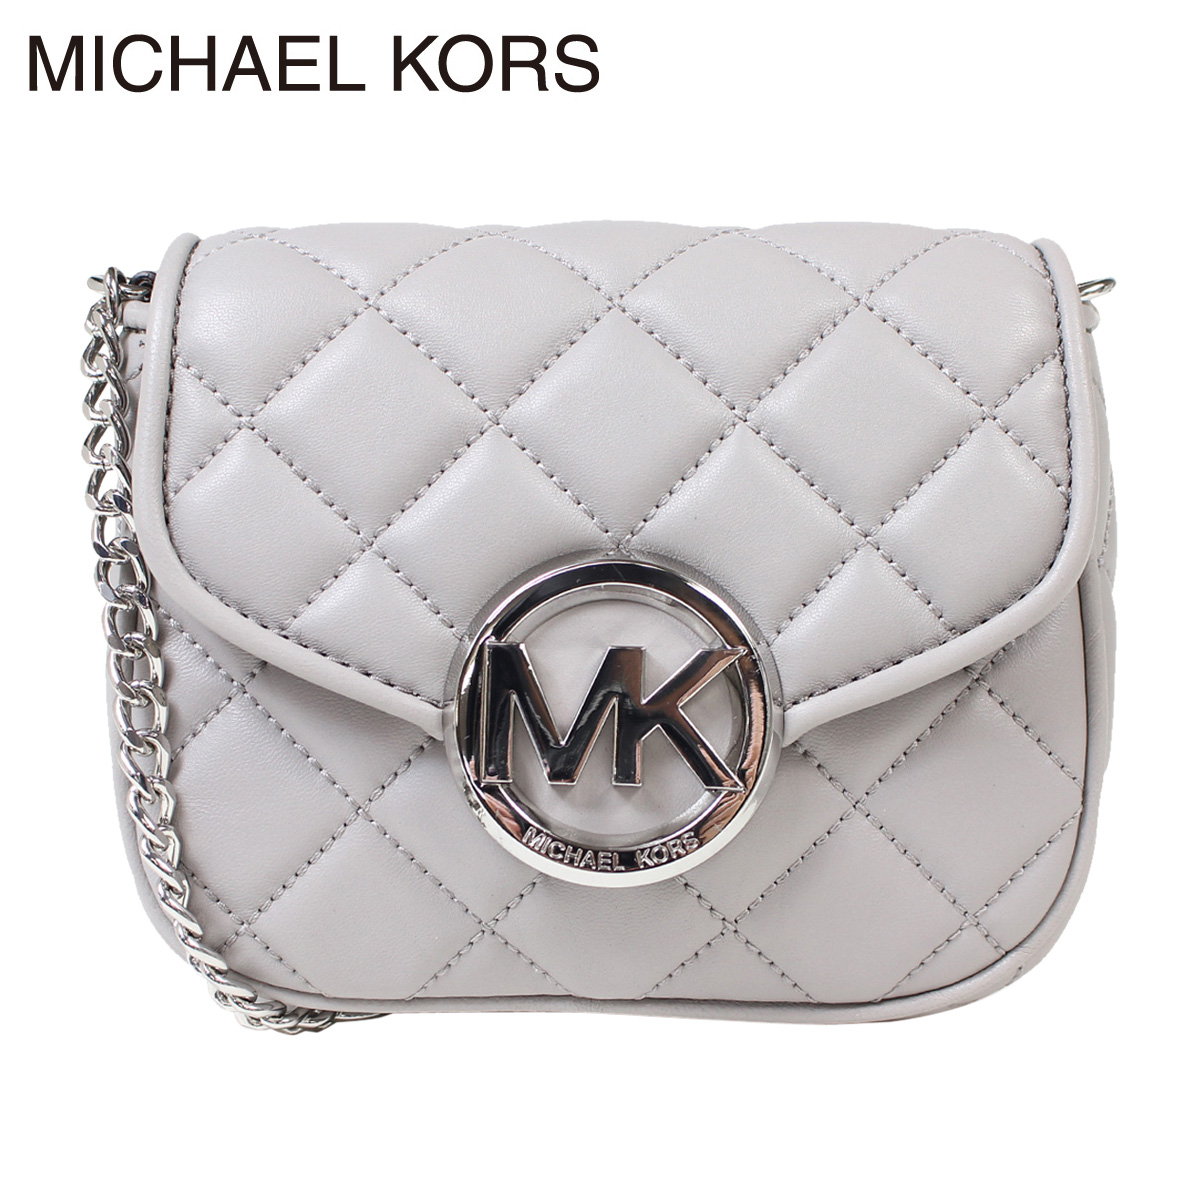 1cbf9111a61860 Michael Kors bag shoulder bag MICHAEL KORS 35S6SFQC1L pearl grey Lady's ...